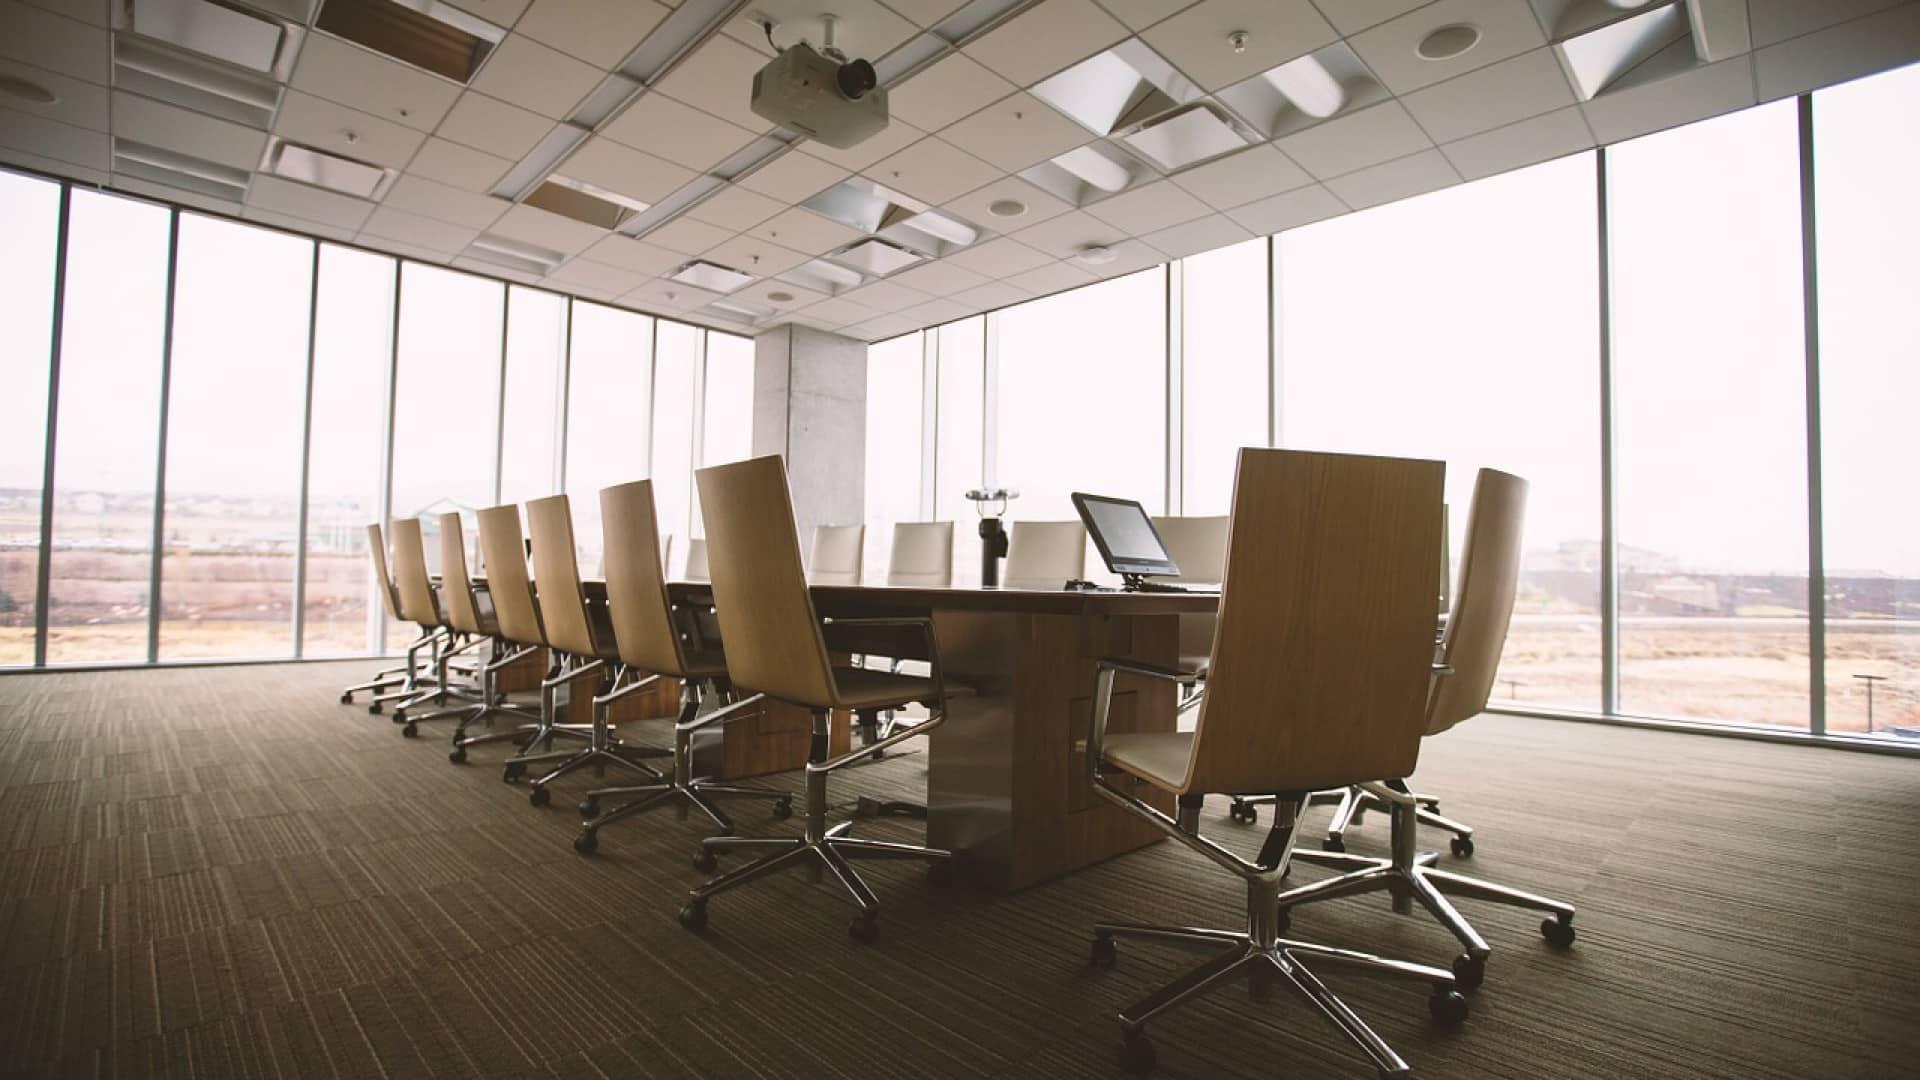 Aménagement de bureaux : pourquoi opter pour une cloison phonique en kit ?